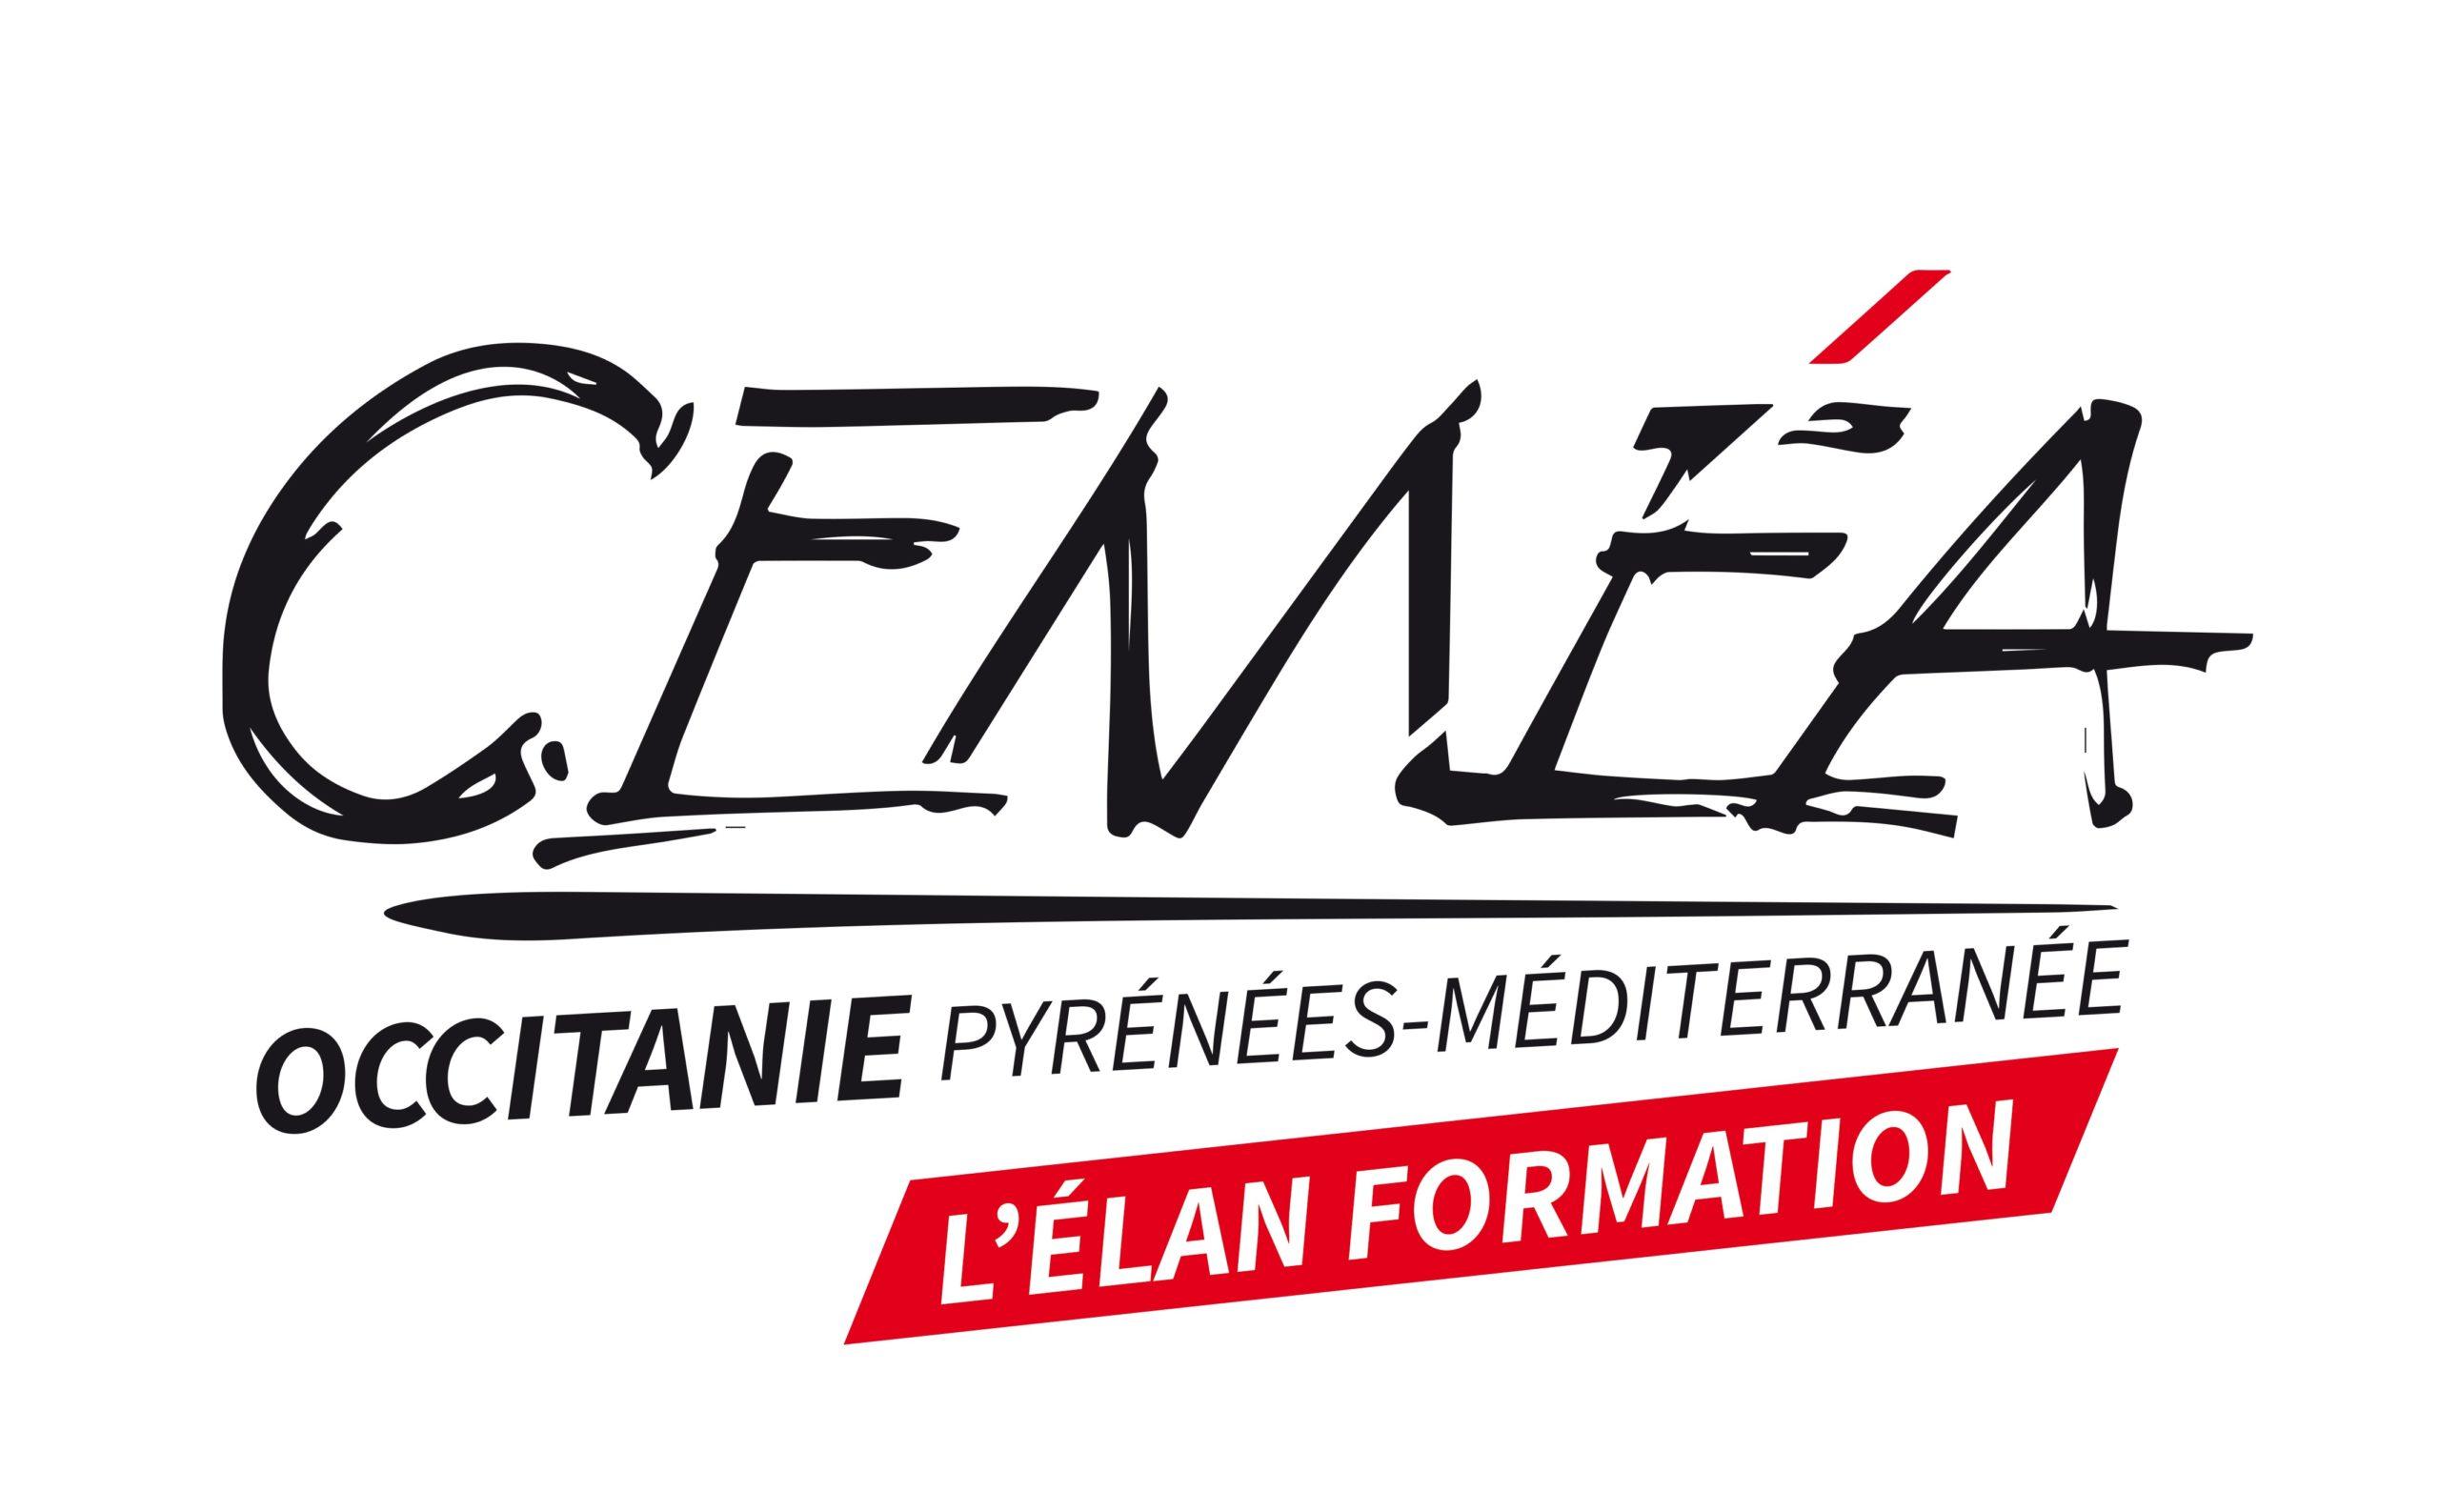 cemea occitanie